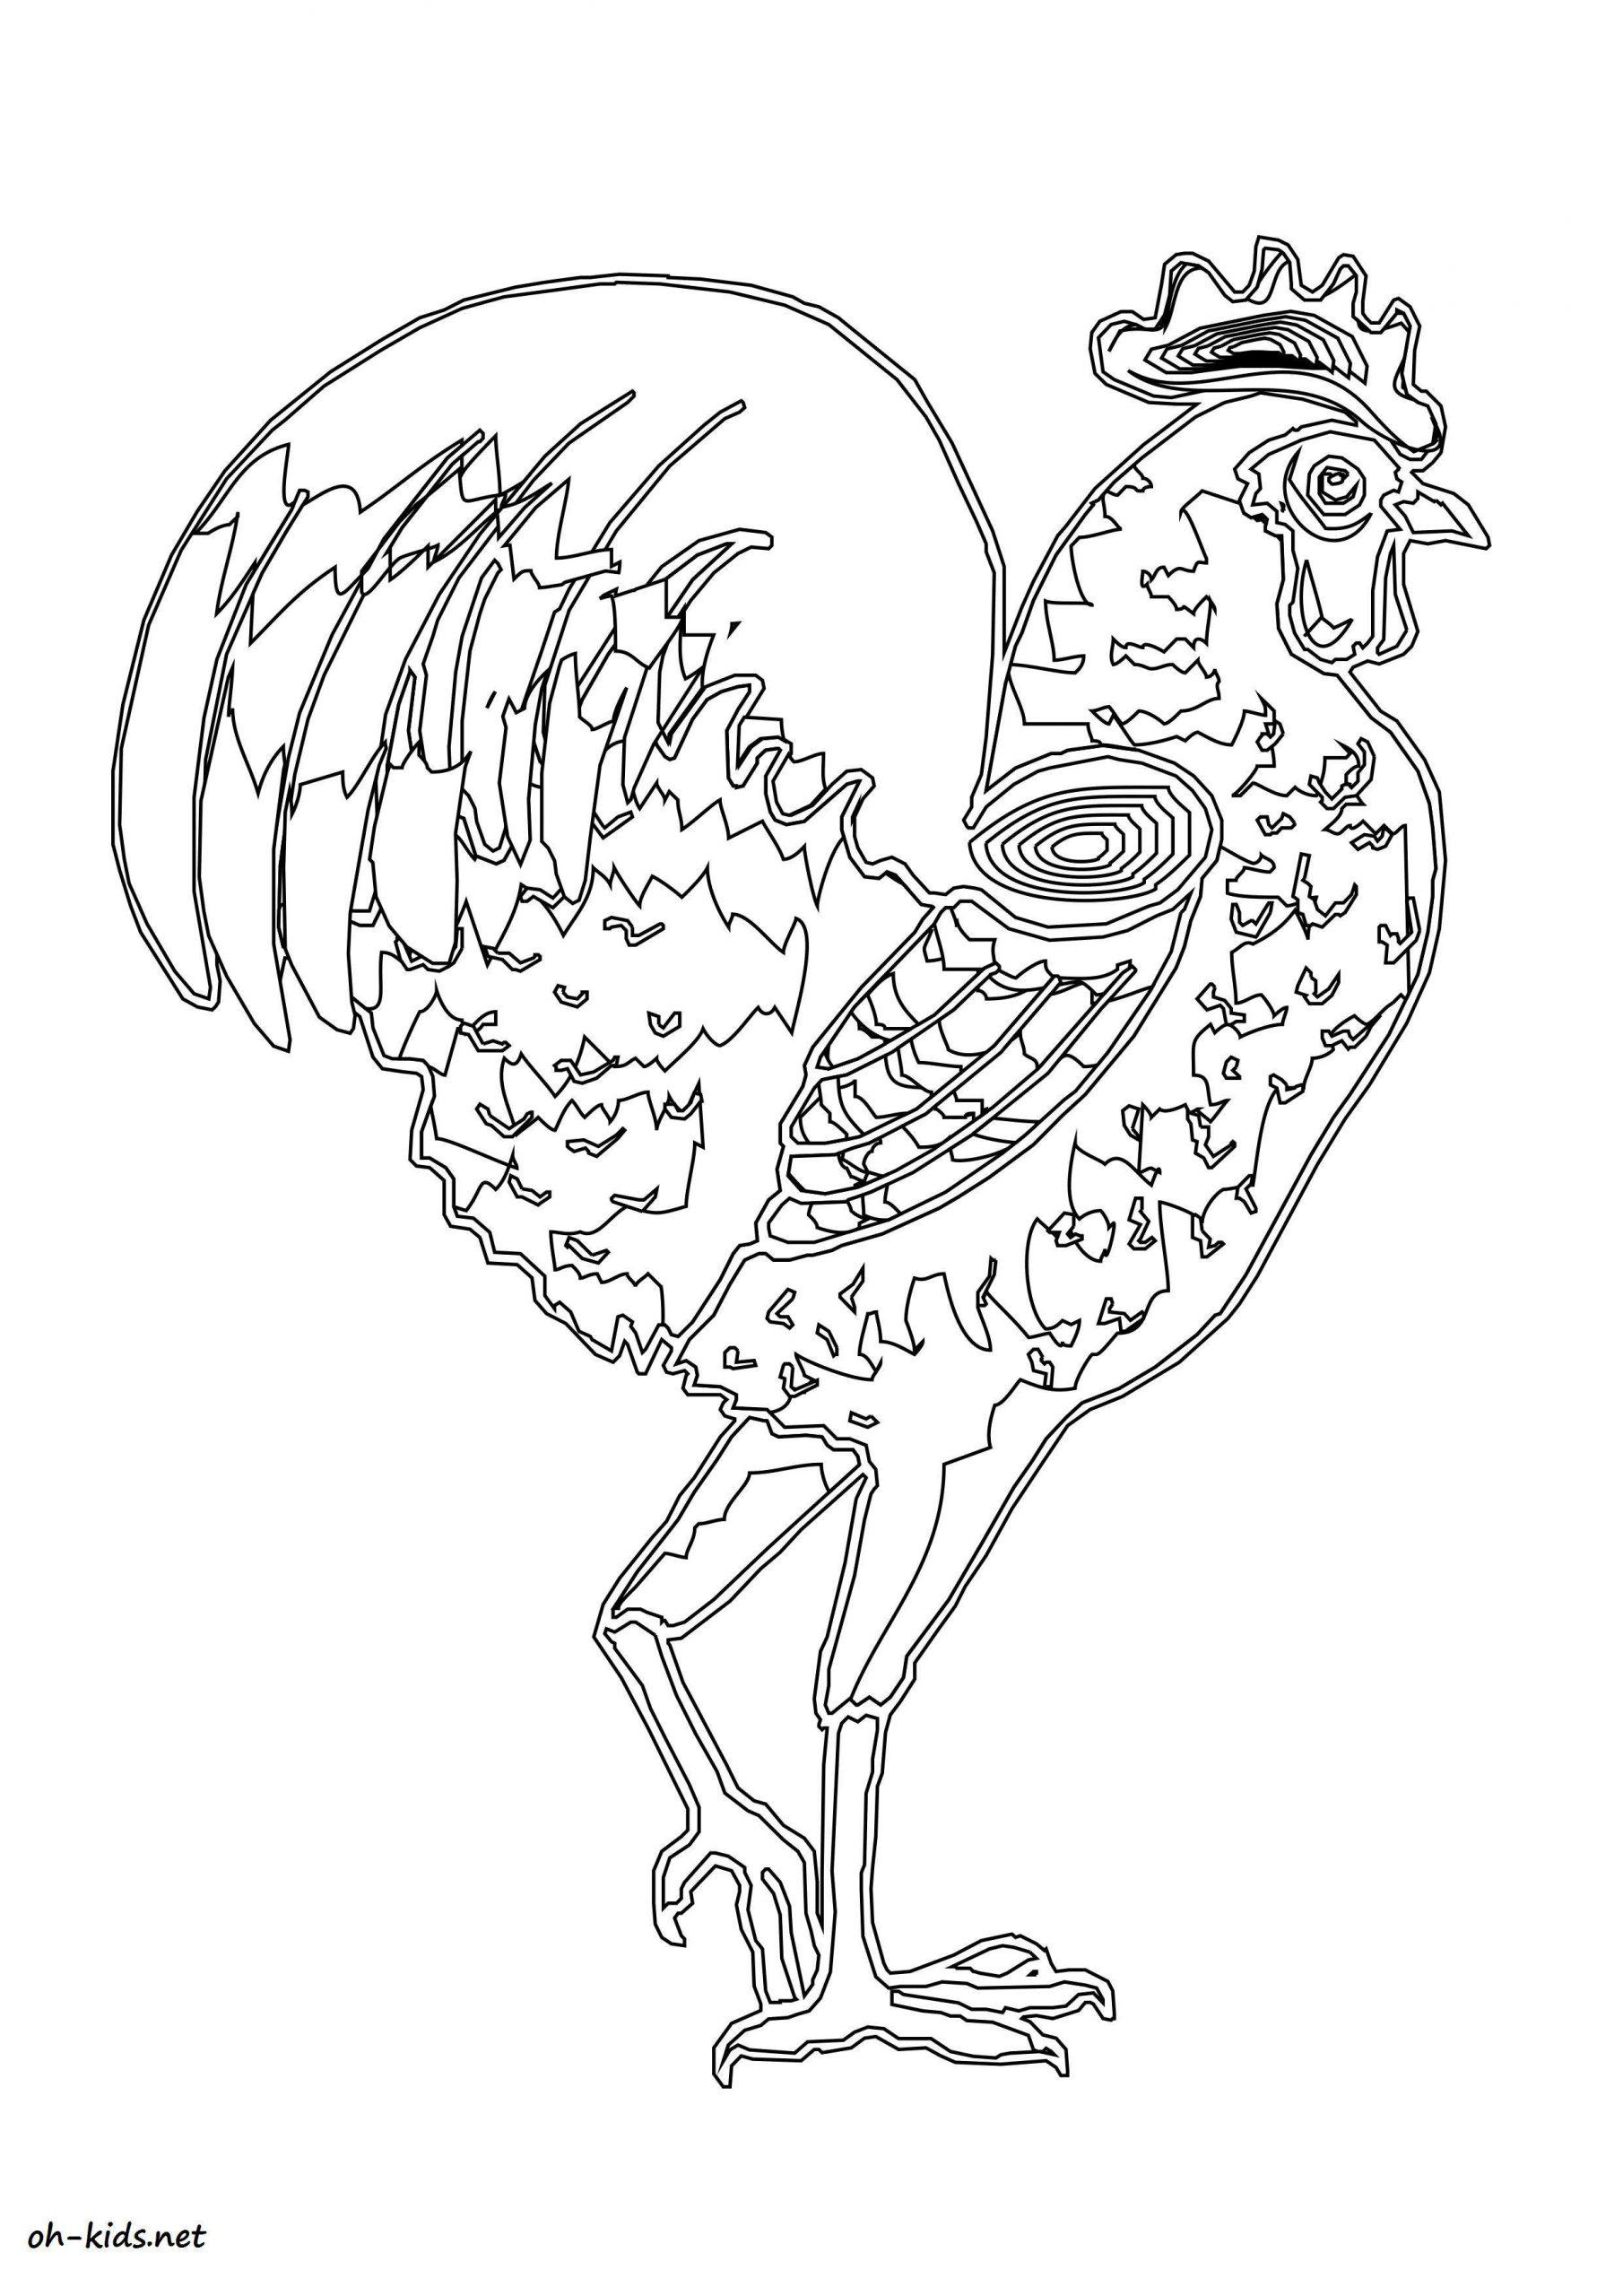 Dessin #1133 - Coloriage Animaux De La Ferme À Imprimer - Oh serapportantà Animaux De La Ferme A Imprimer